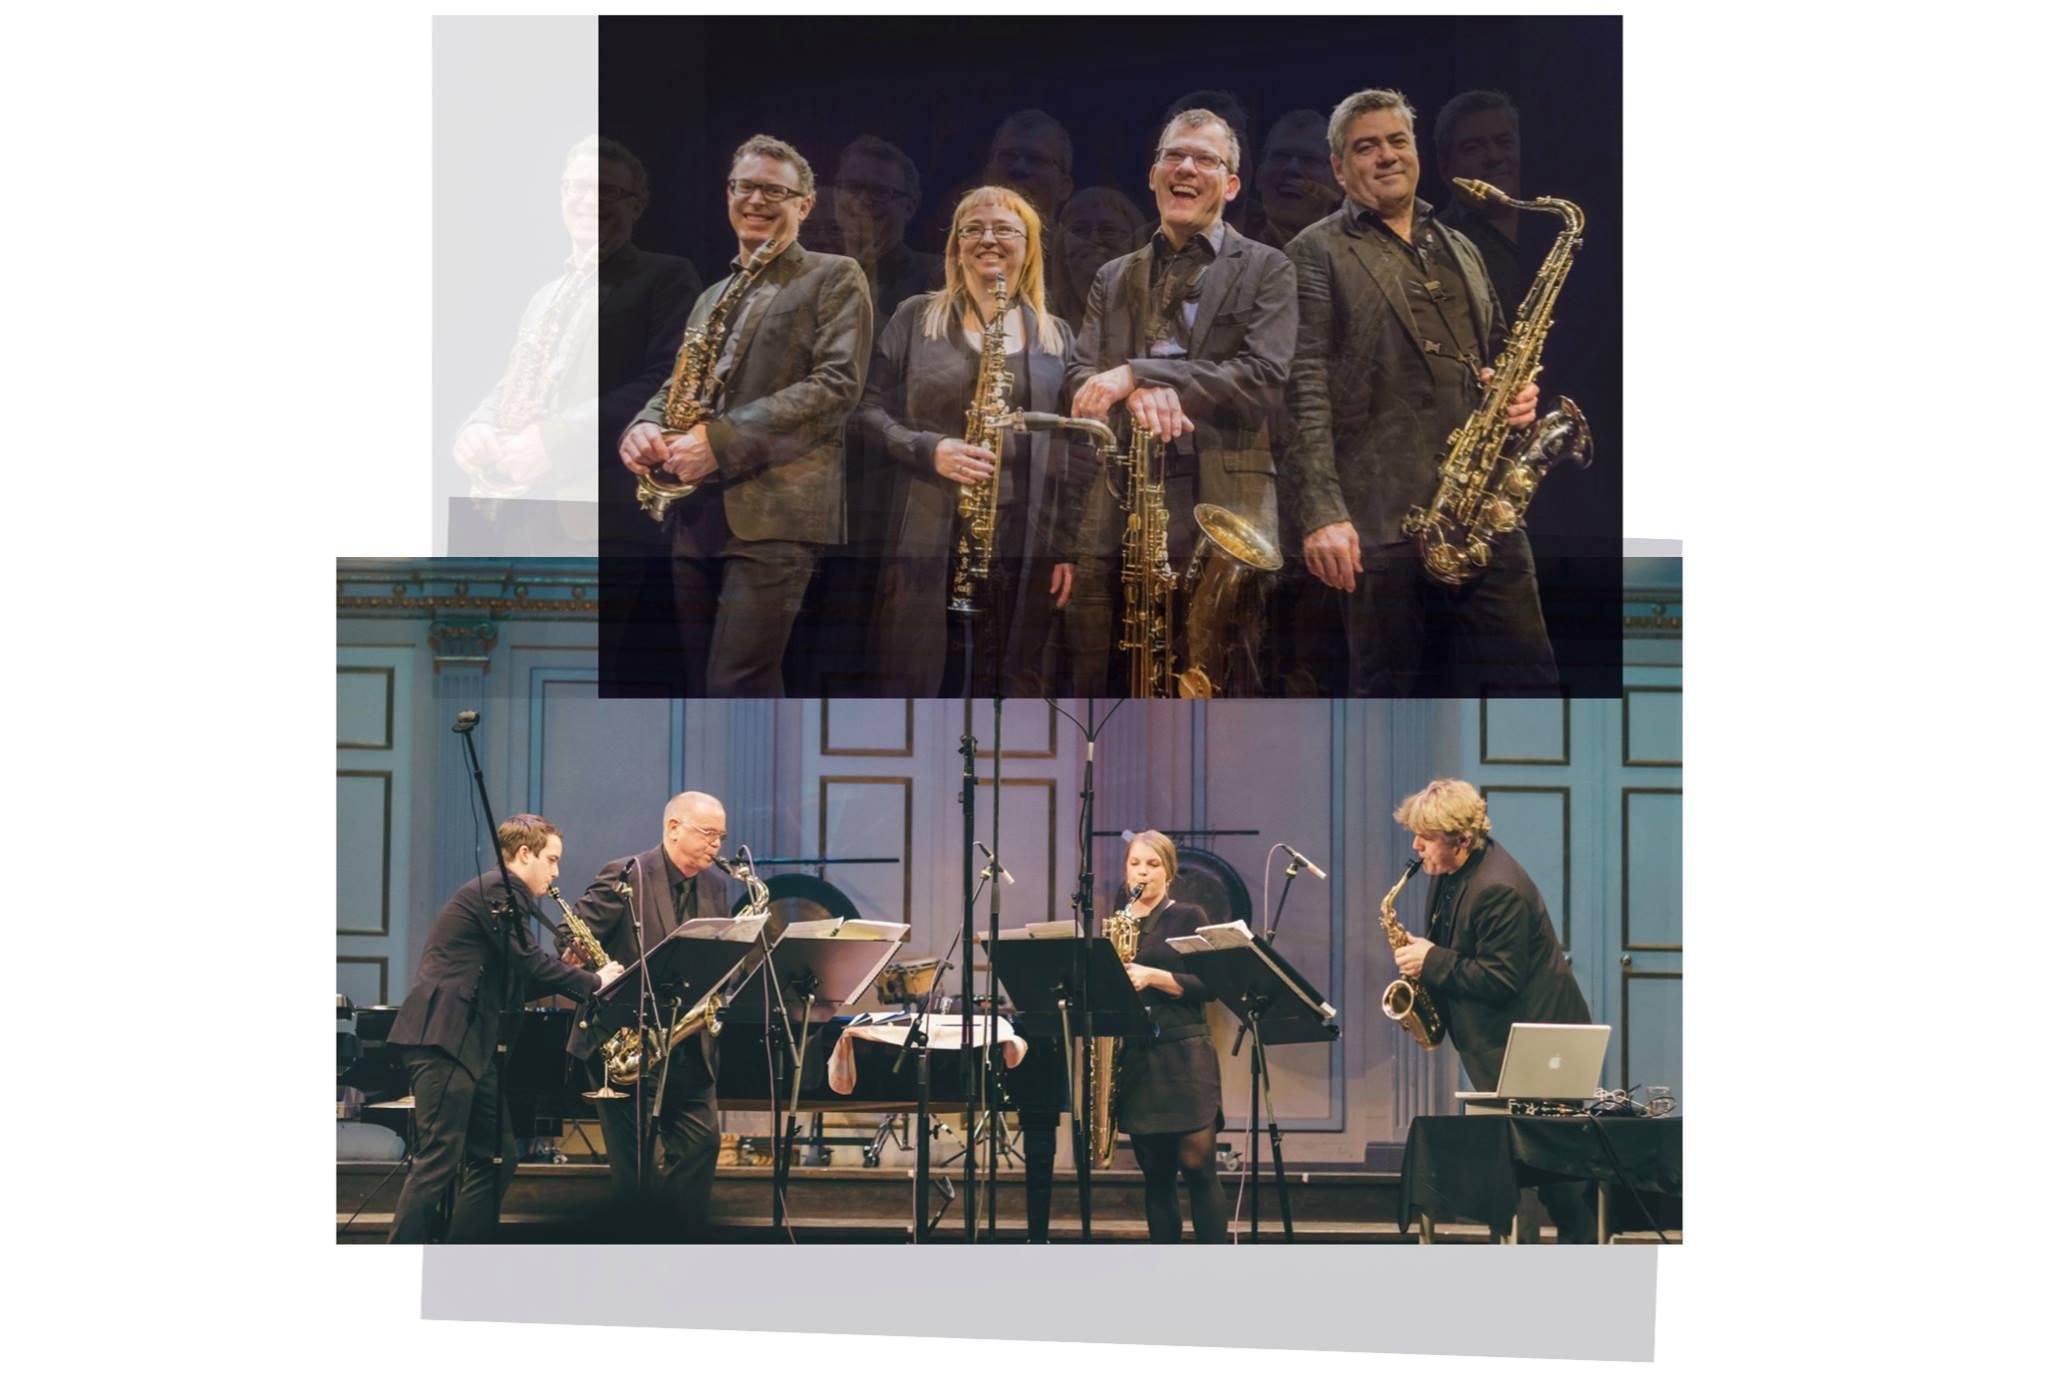 Åtta saxofoner med Quasar & Stockholms Saxkvartett, Kulturfyren